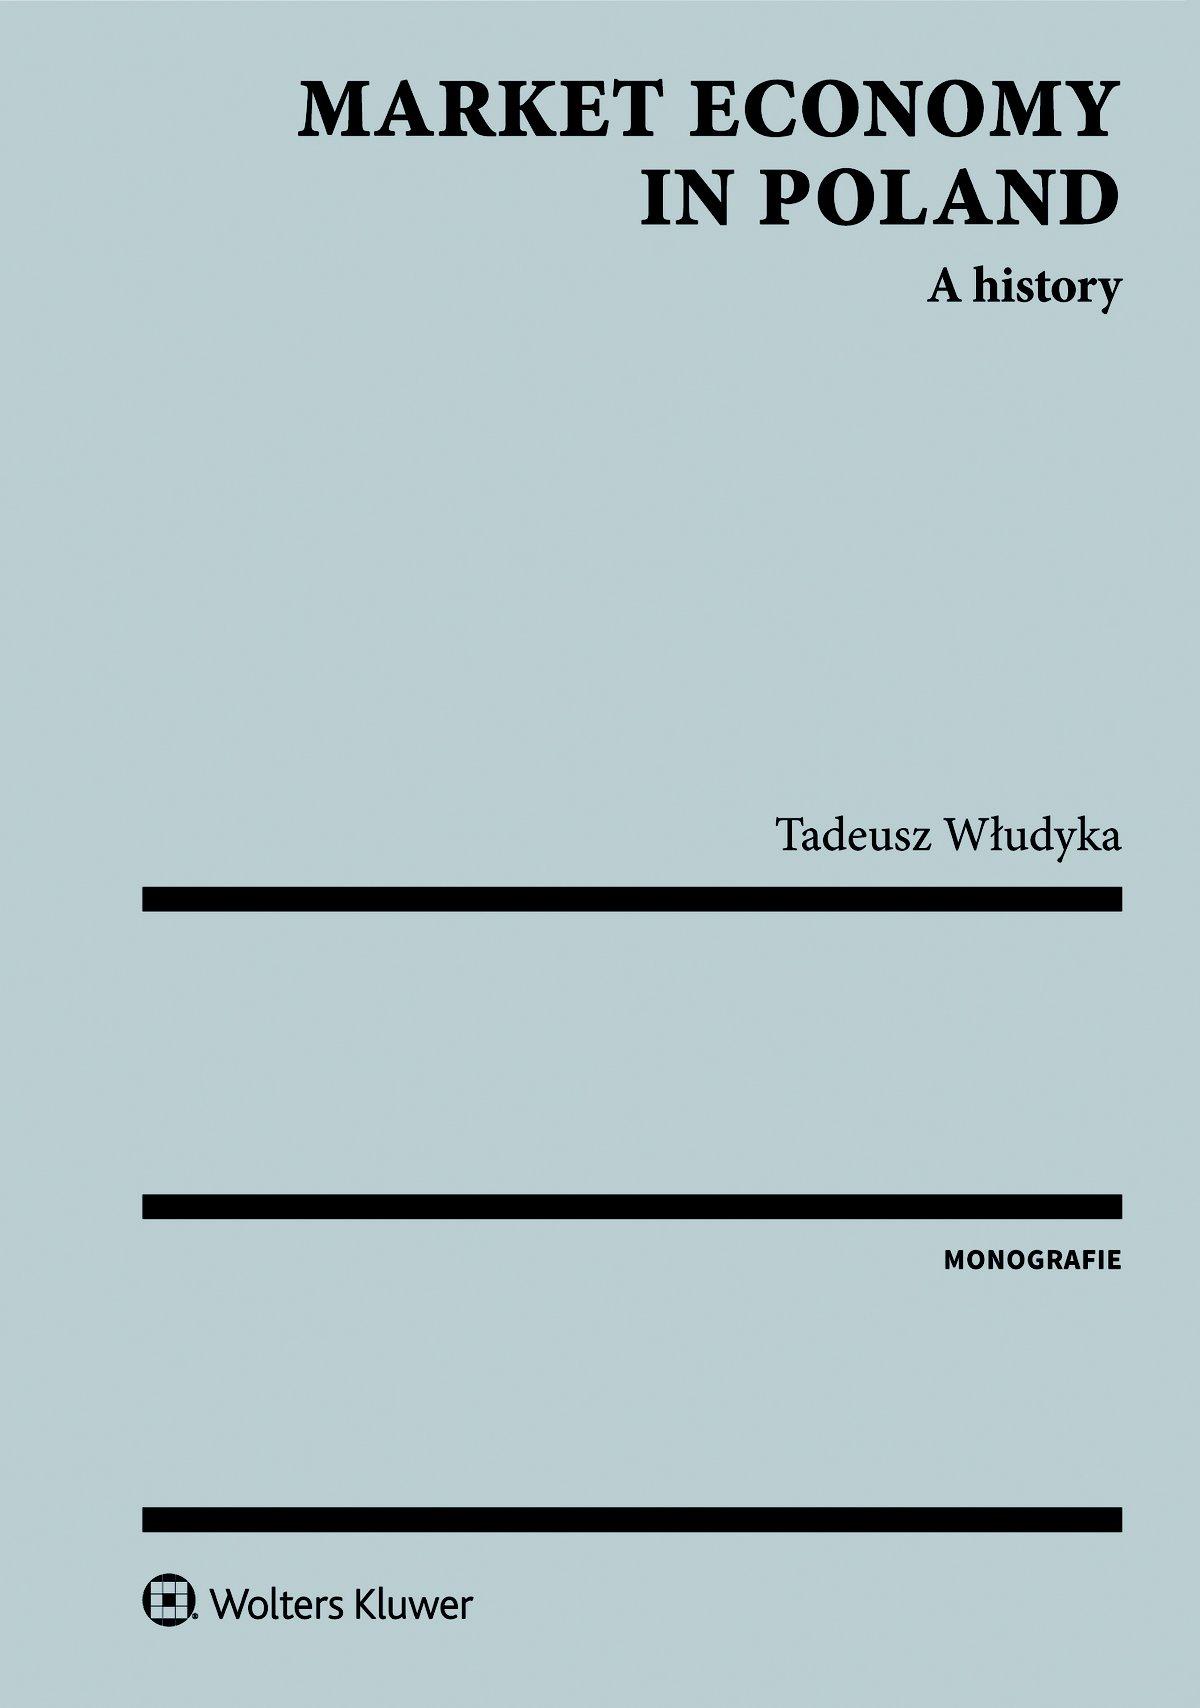 Market economy in Poland. A history - Ebook (Książka EPUB) do pobrania w formacie EPUB